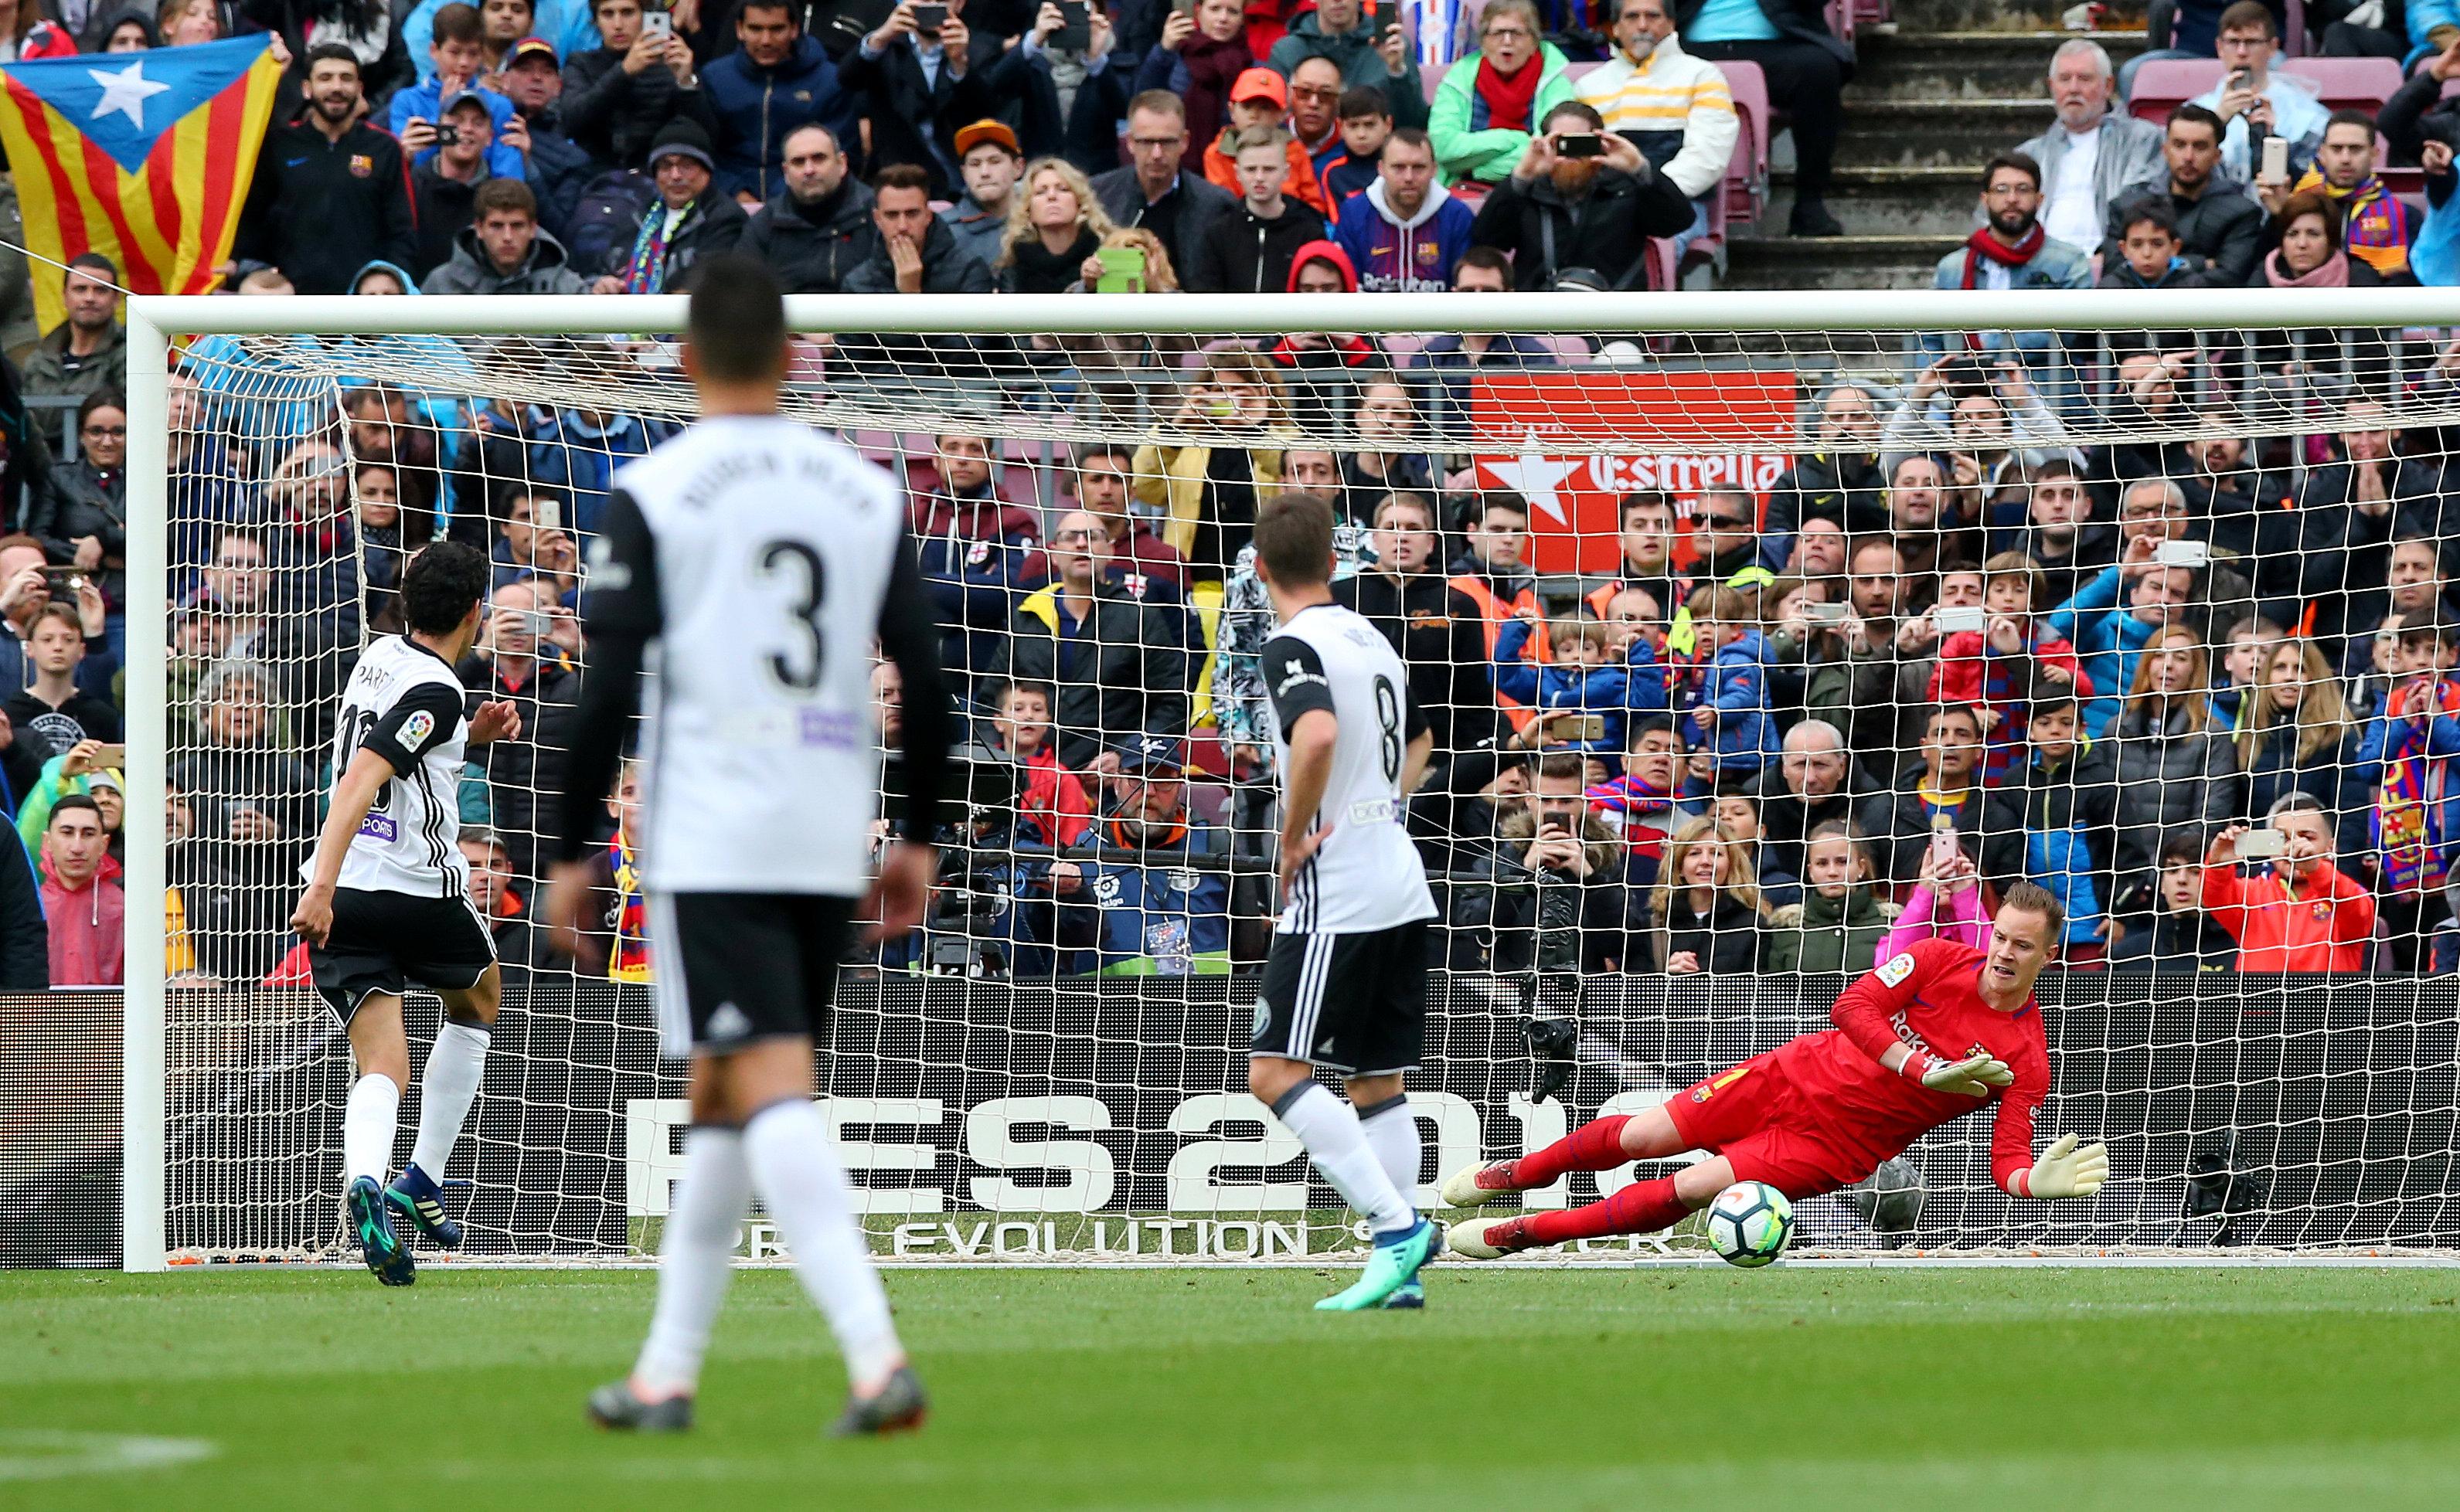 Daniel Parejo rút ngắn tỉ số xuống 1-2 cho Valencia từ chấm 11m. Ảnh: REUTERS